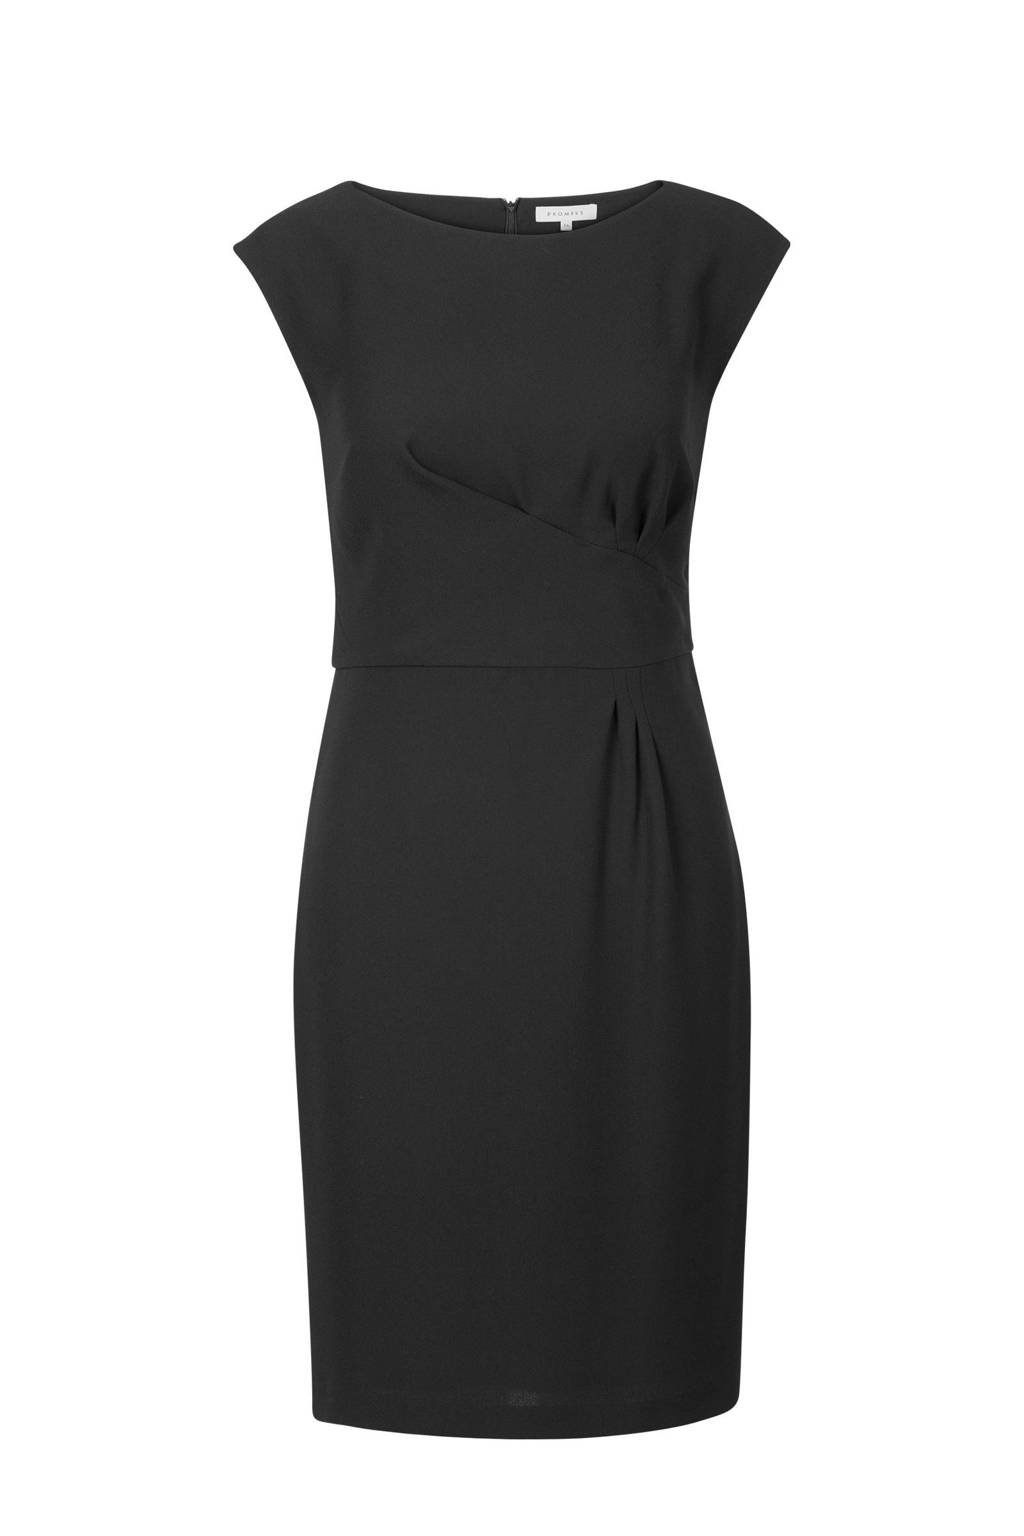 Promiss jurk, Zwart